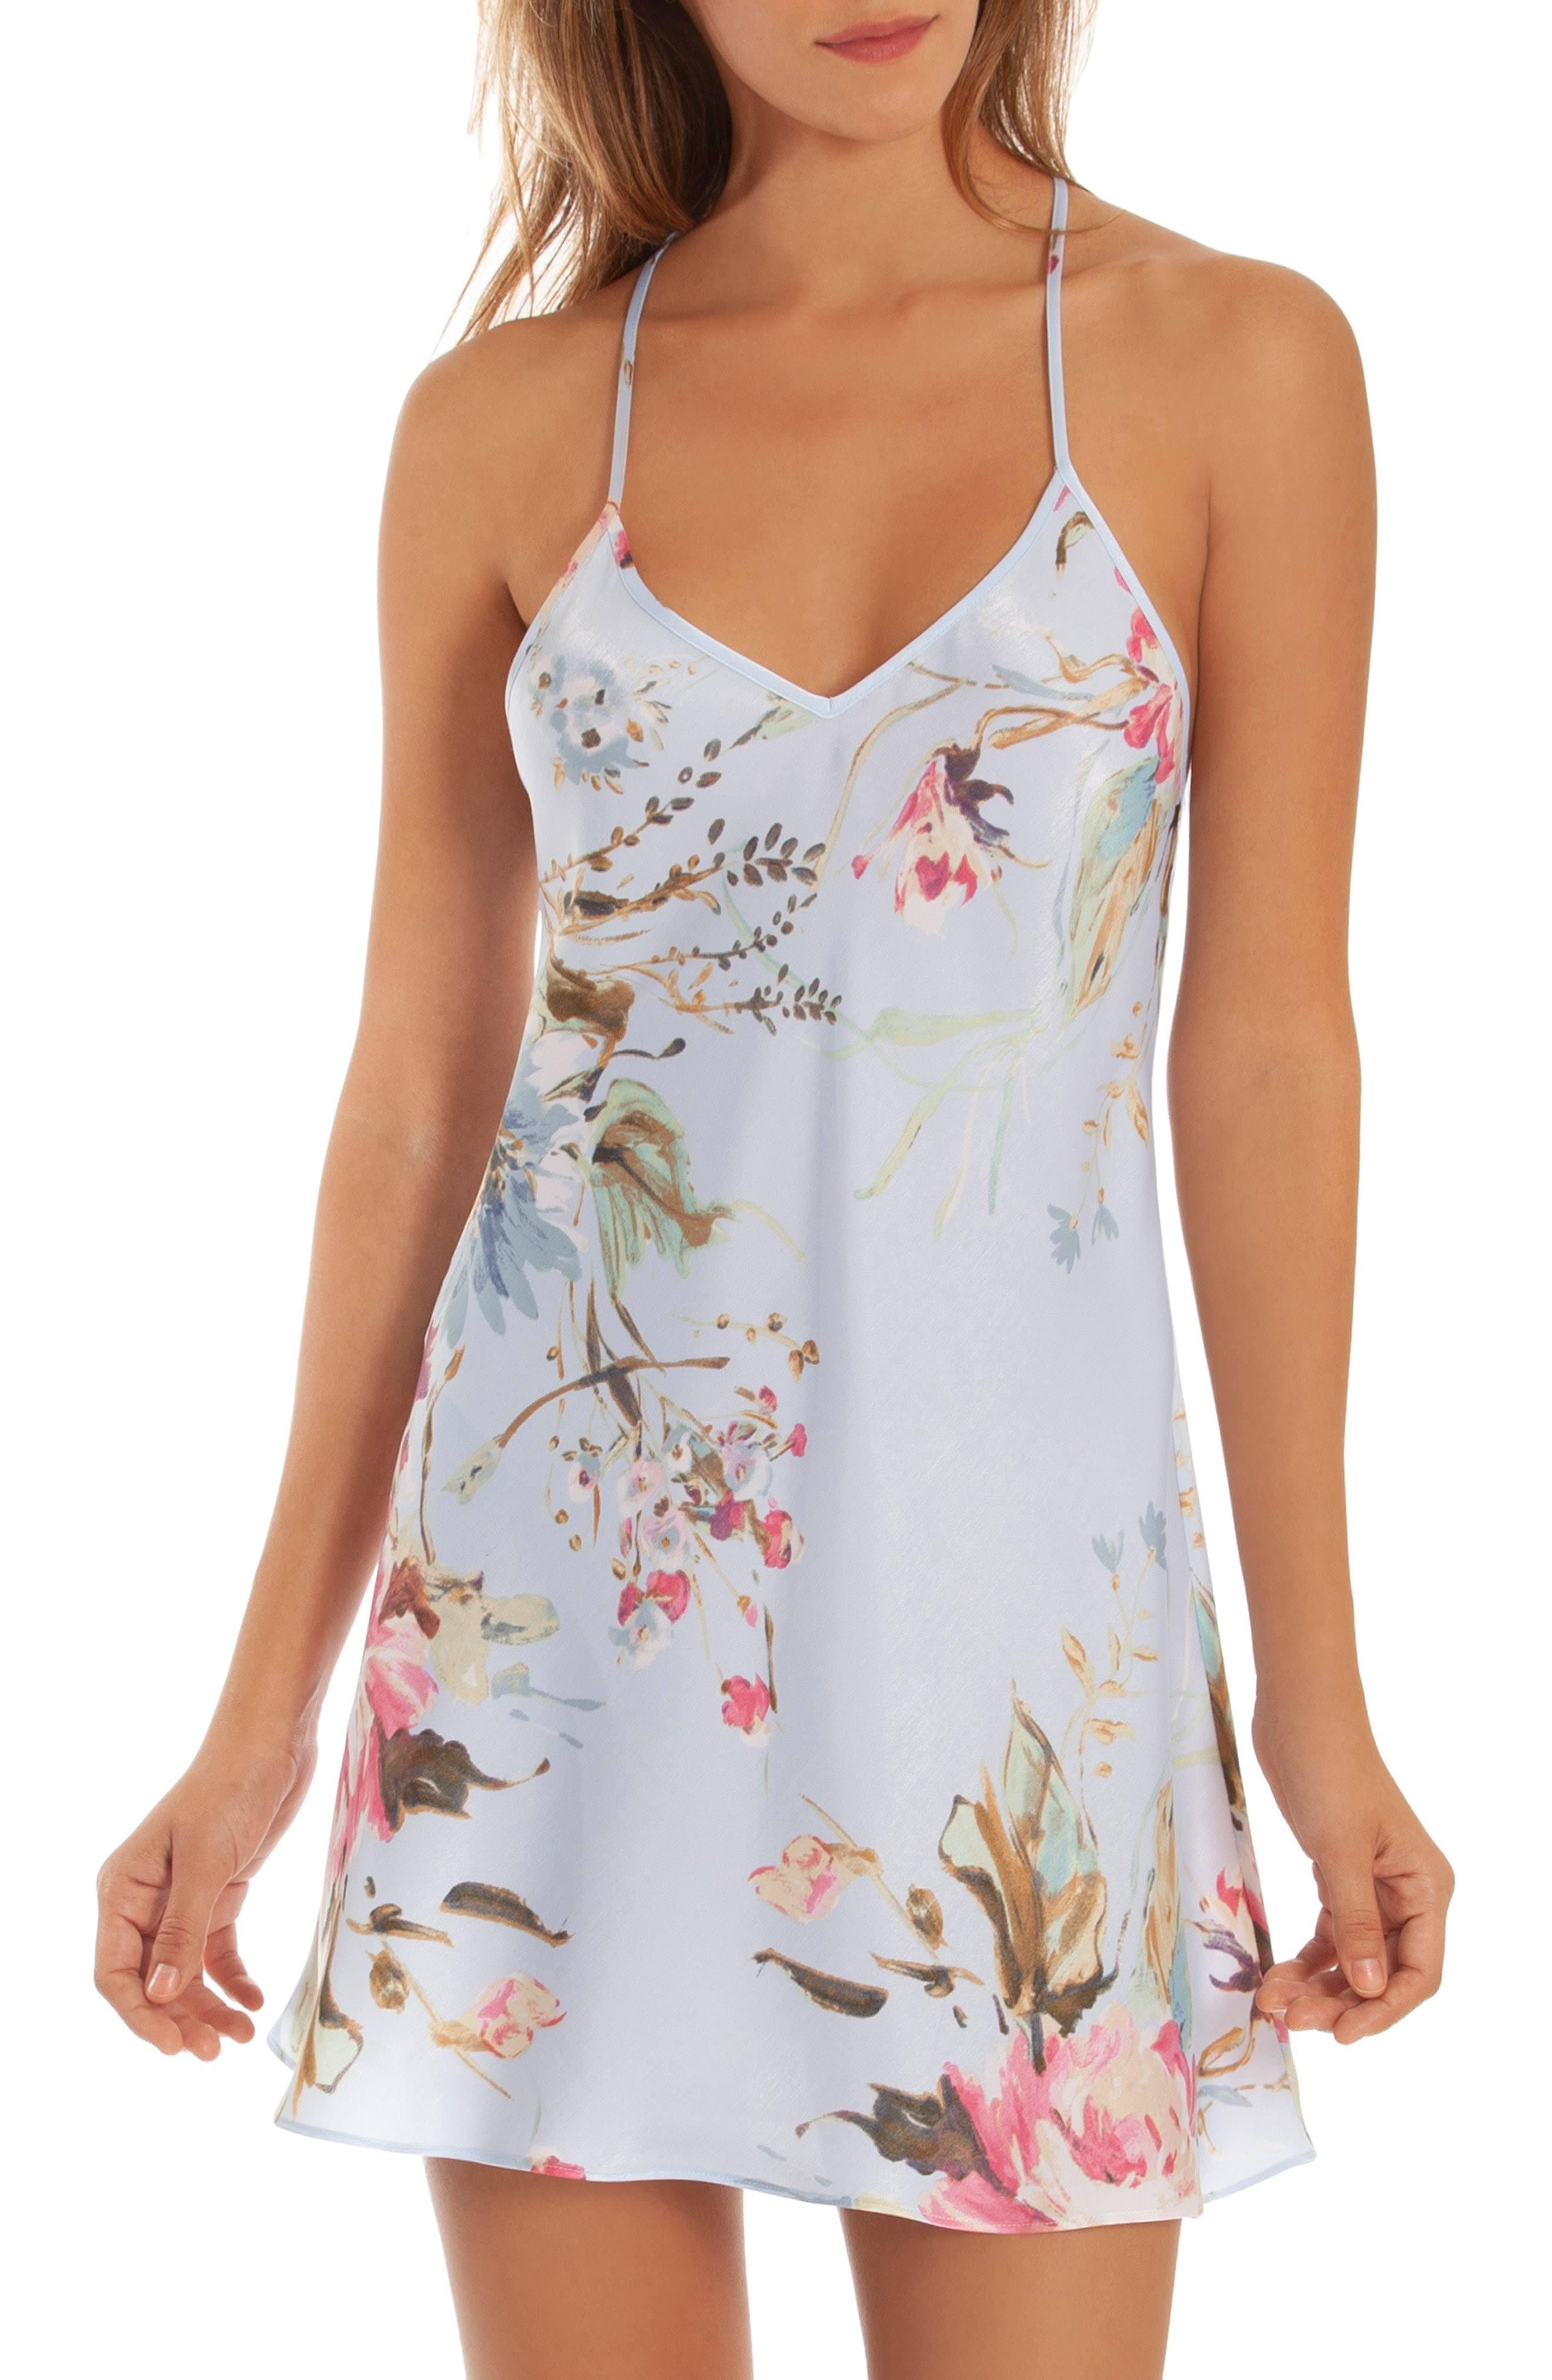 Azul De Floral Cielo Tamaño Zinnia Encaje Satén Mujer In Grande Con Vestido Para Bloom qvwP5Rdq7